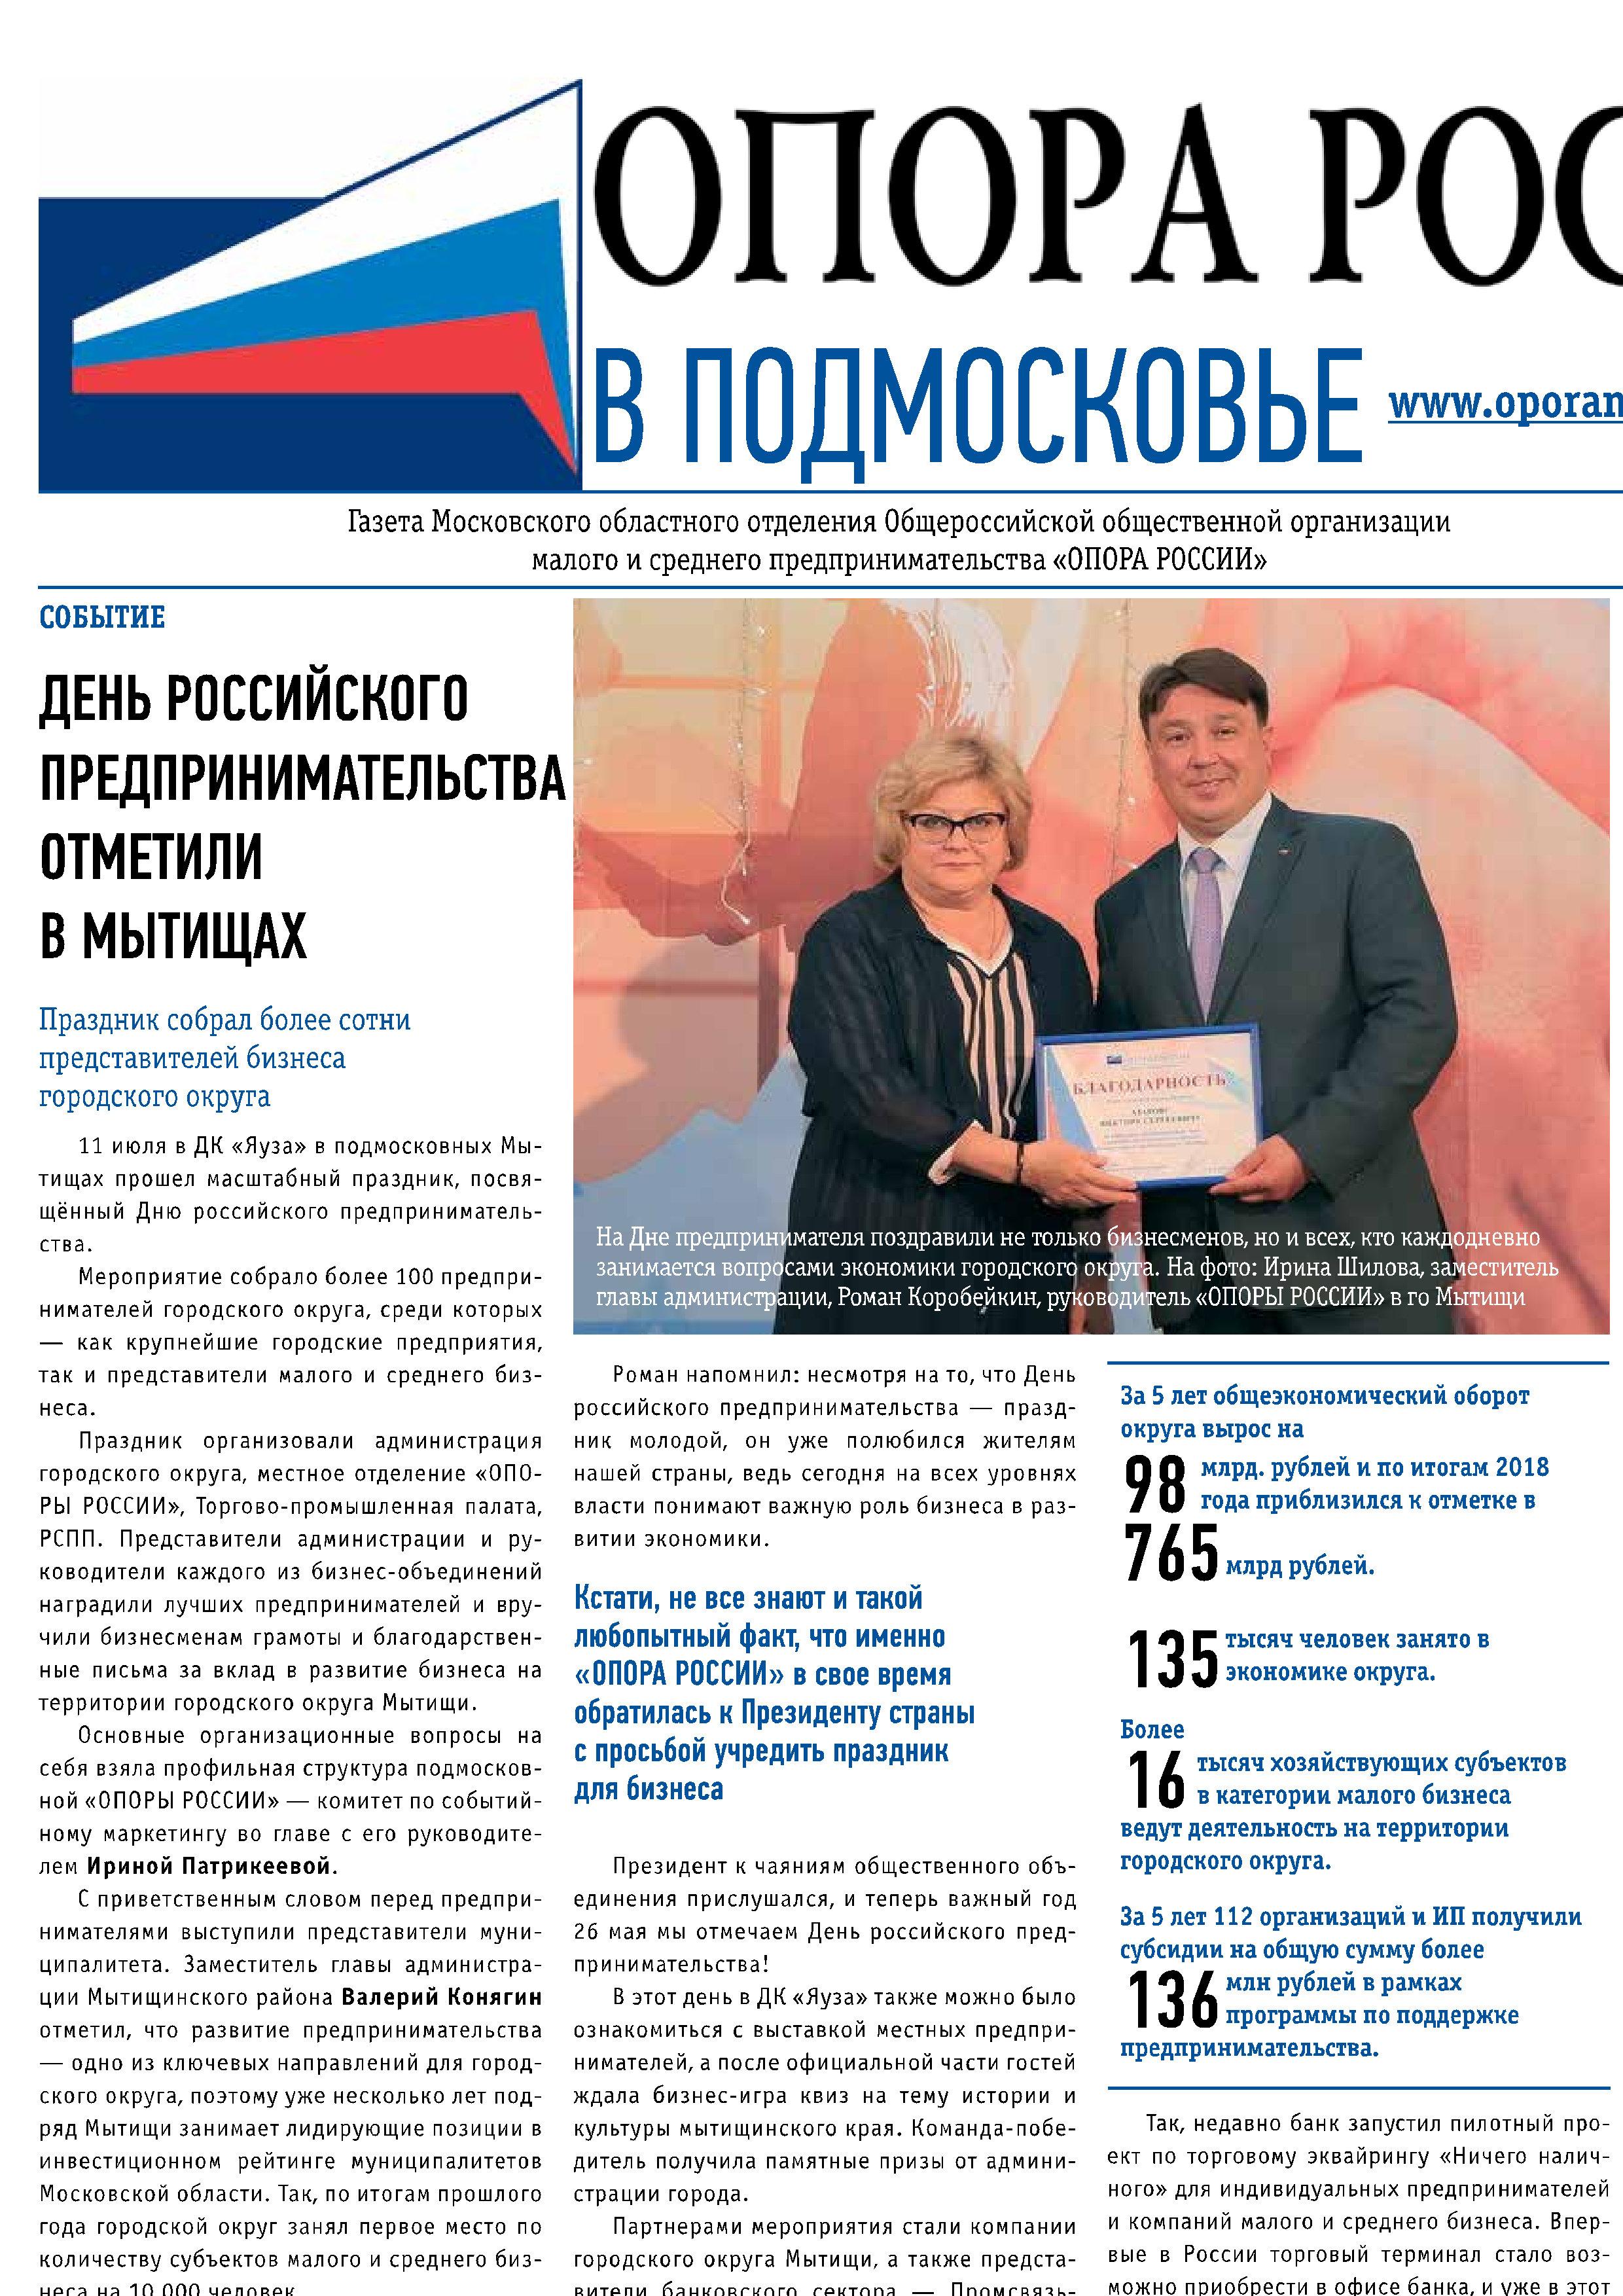 «ОПОРА РОССИИ в Подмосковье» № 103